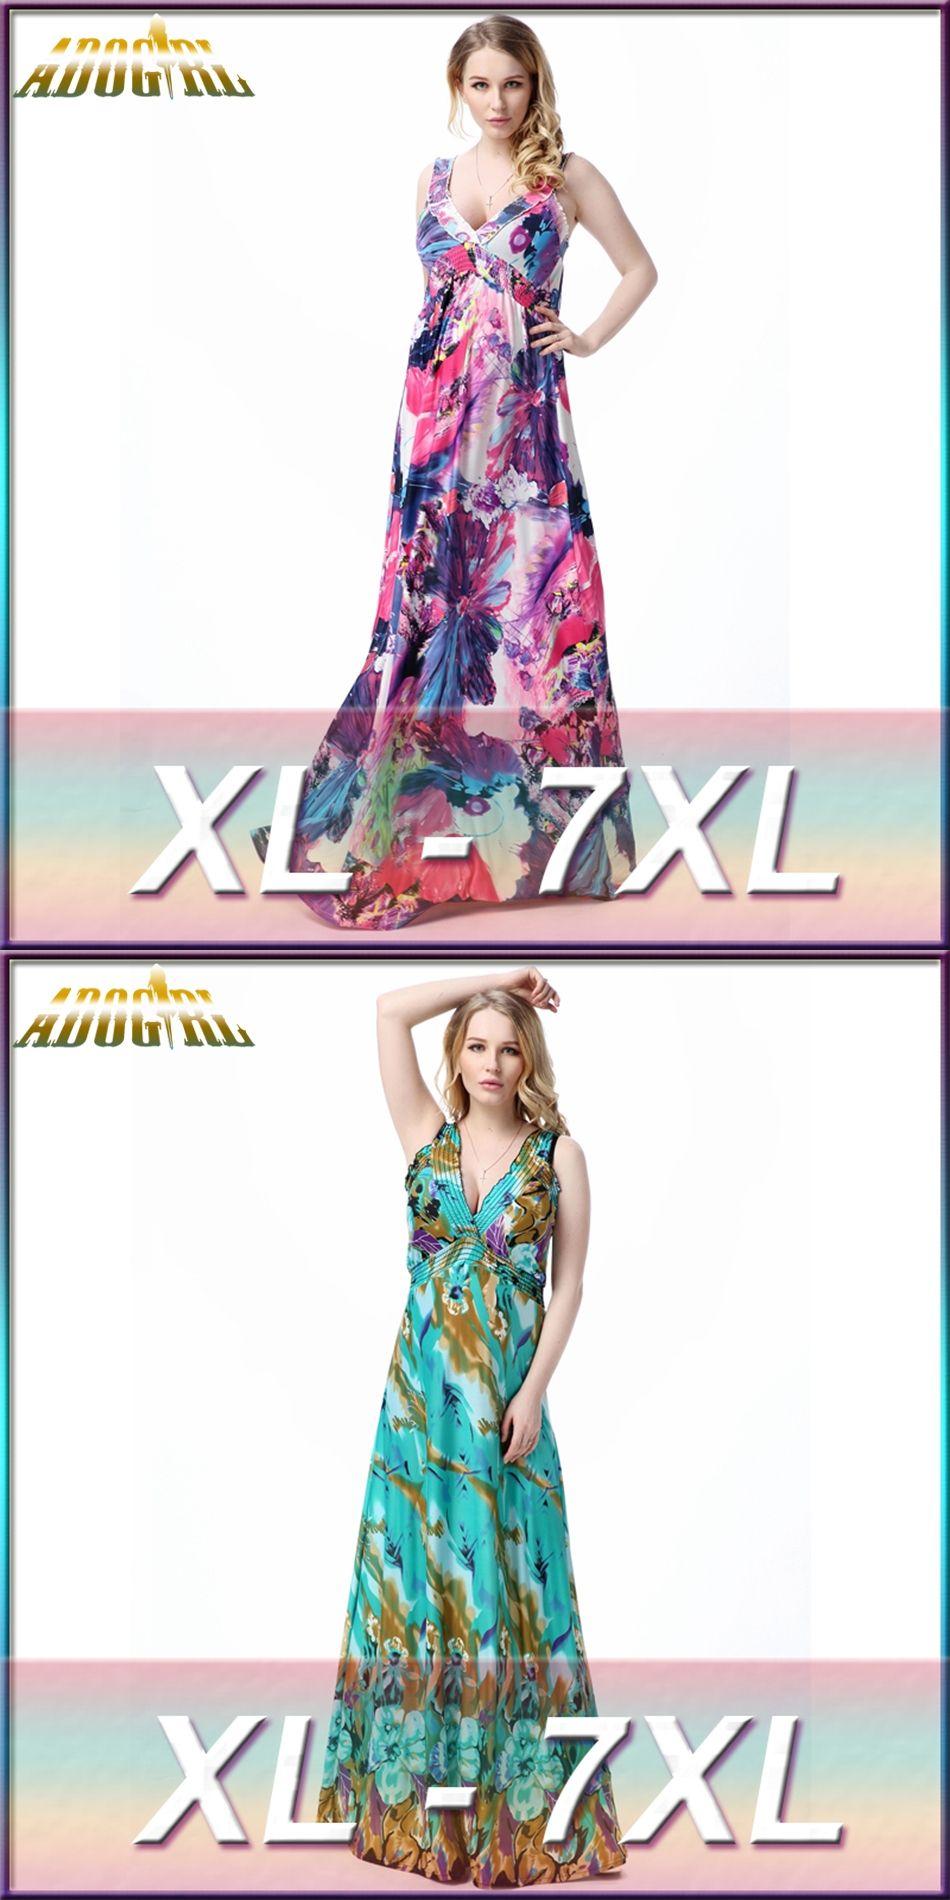 31aa3f19762 Adogirl Women Plus Size 7XL Dresses Bohemian V Neck Hollow Out High Waist  Sleeveless Print Dress